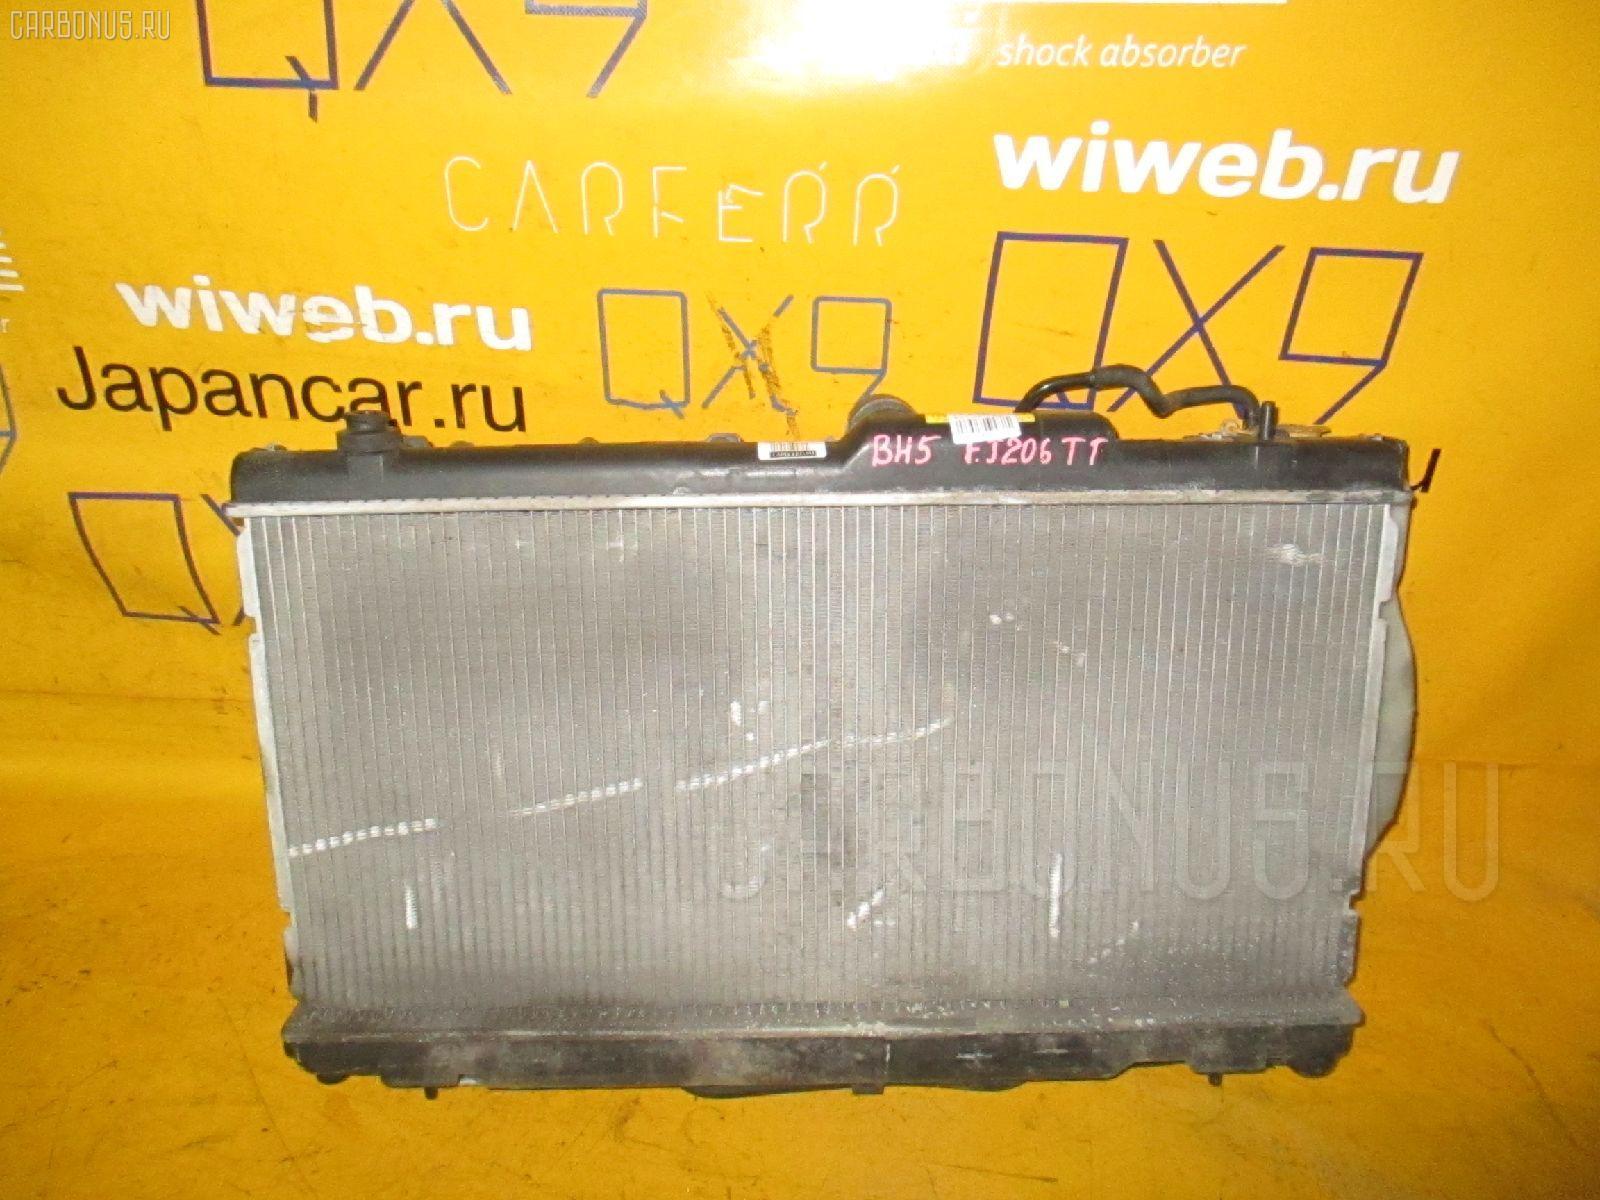 Радиатор ДВС SUBARU LEGACY WAGON BH5 EJ206-TT. Фото 10